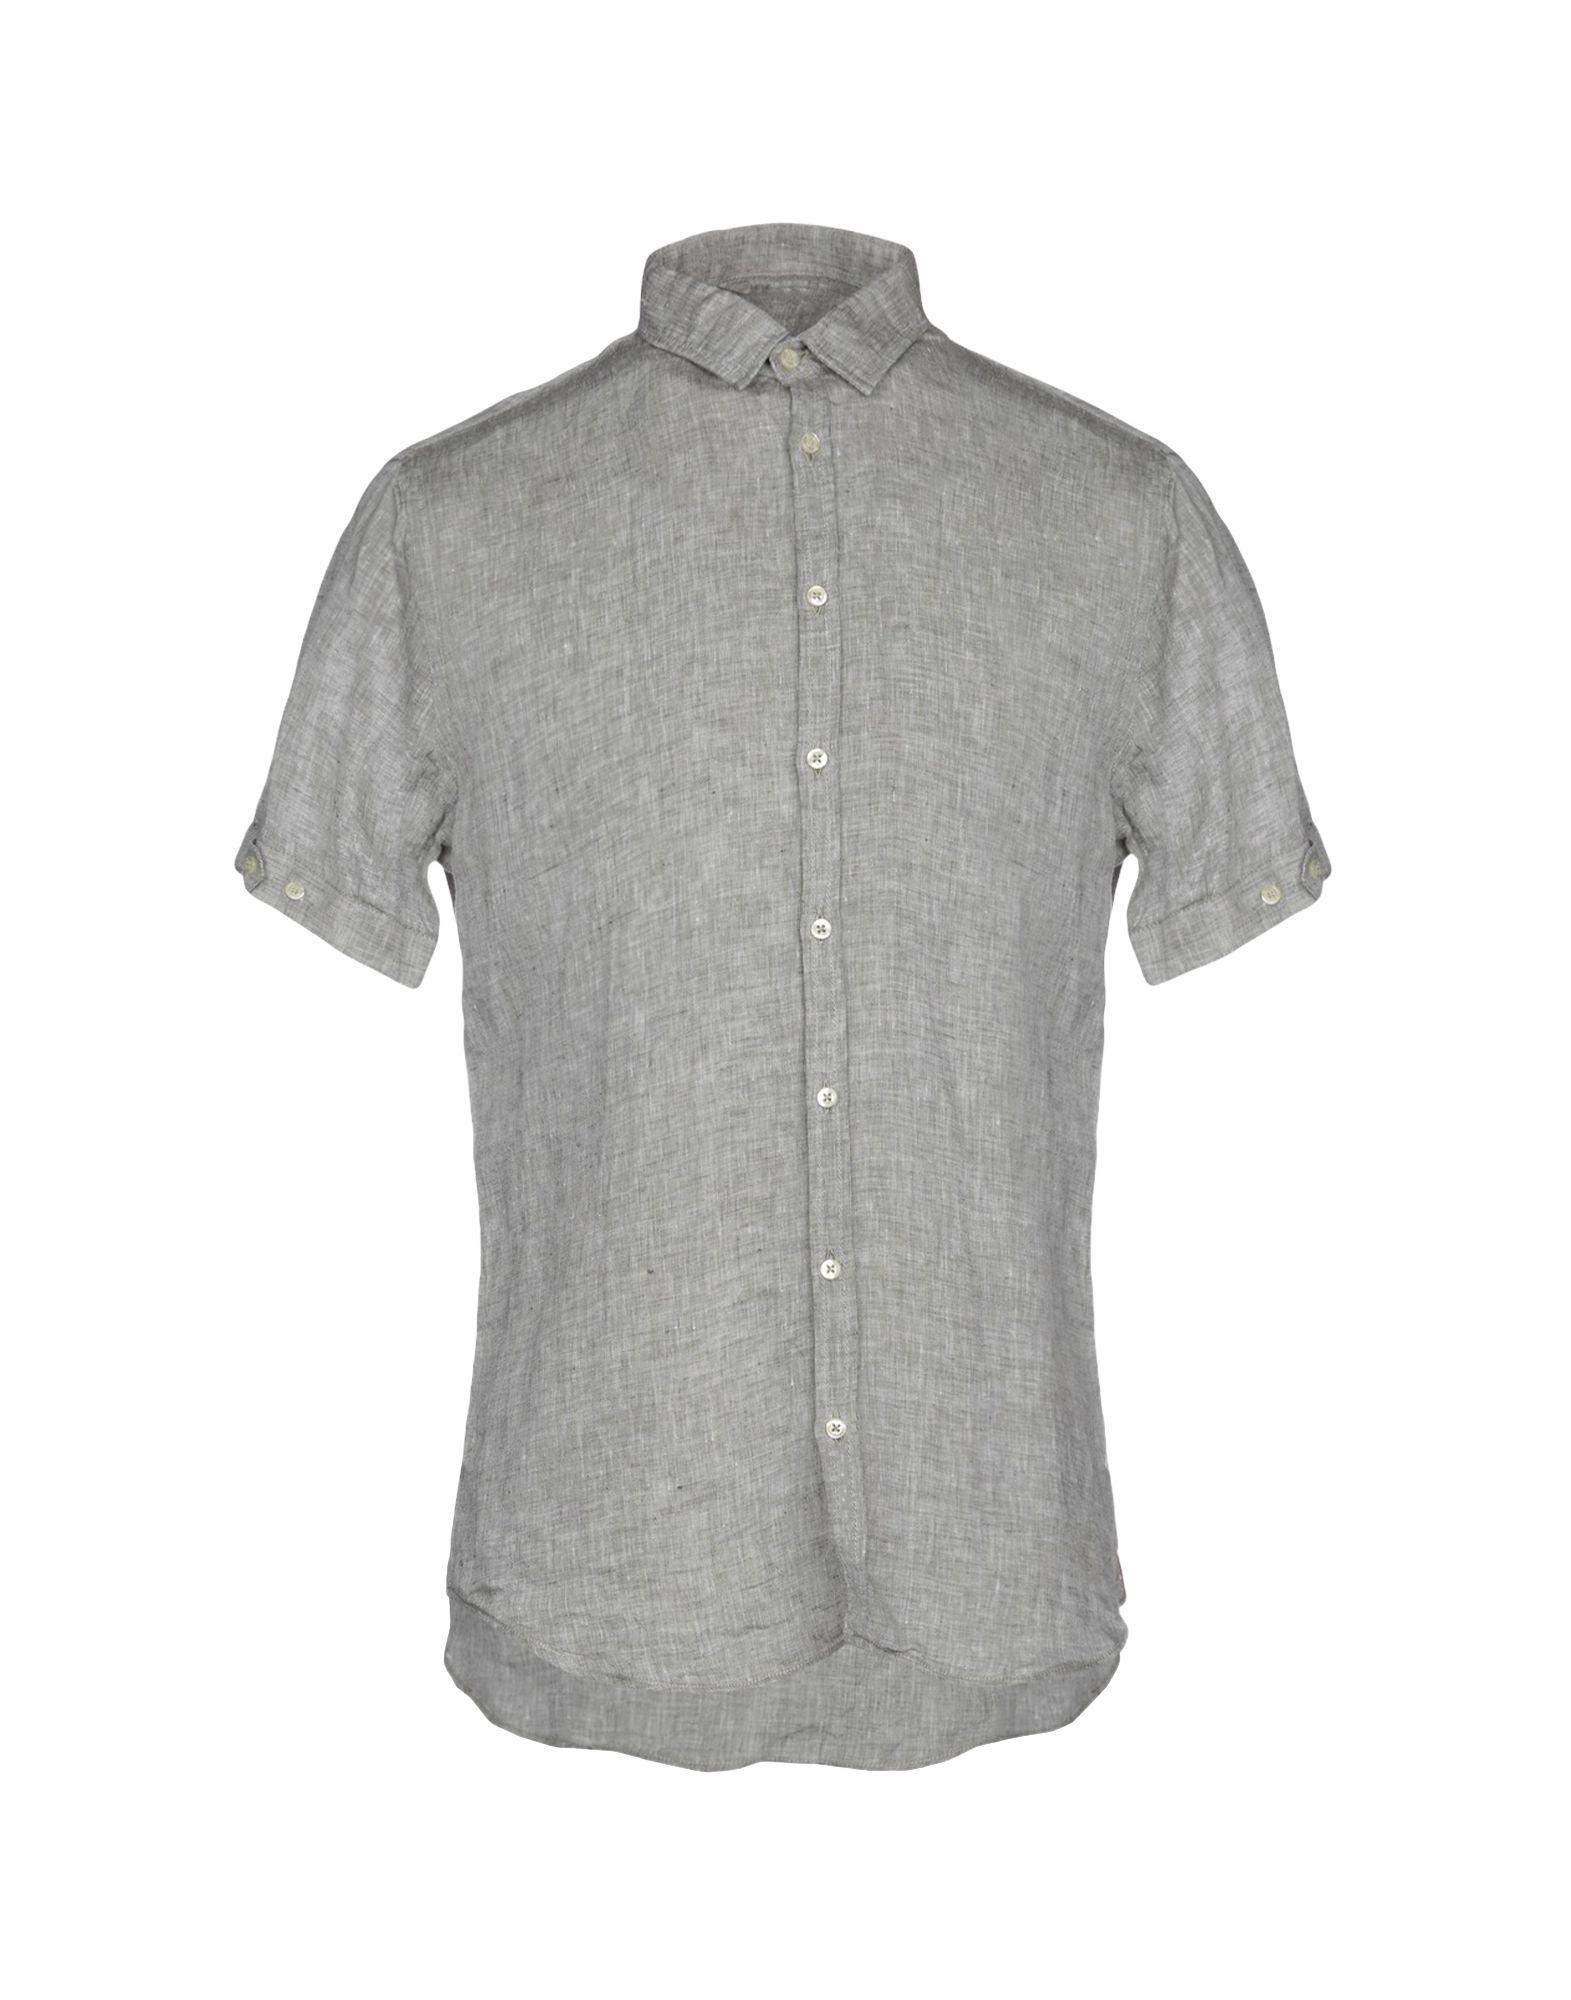 《送料無料》Q1 メンズ シャツ ライトグレー M 麻 100%